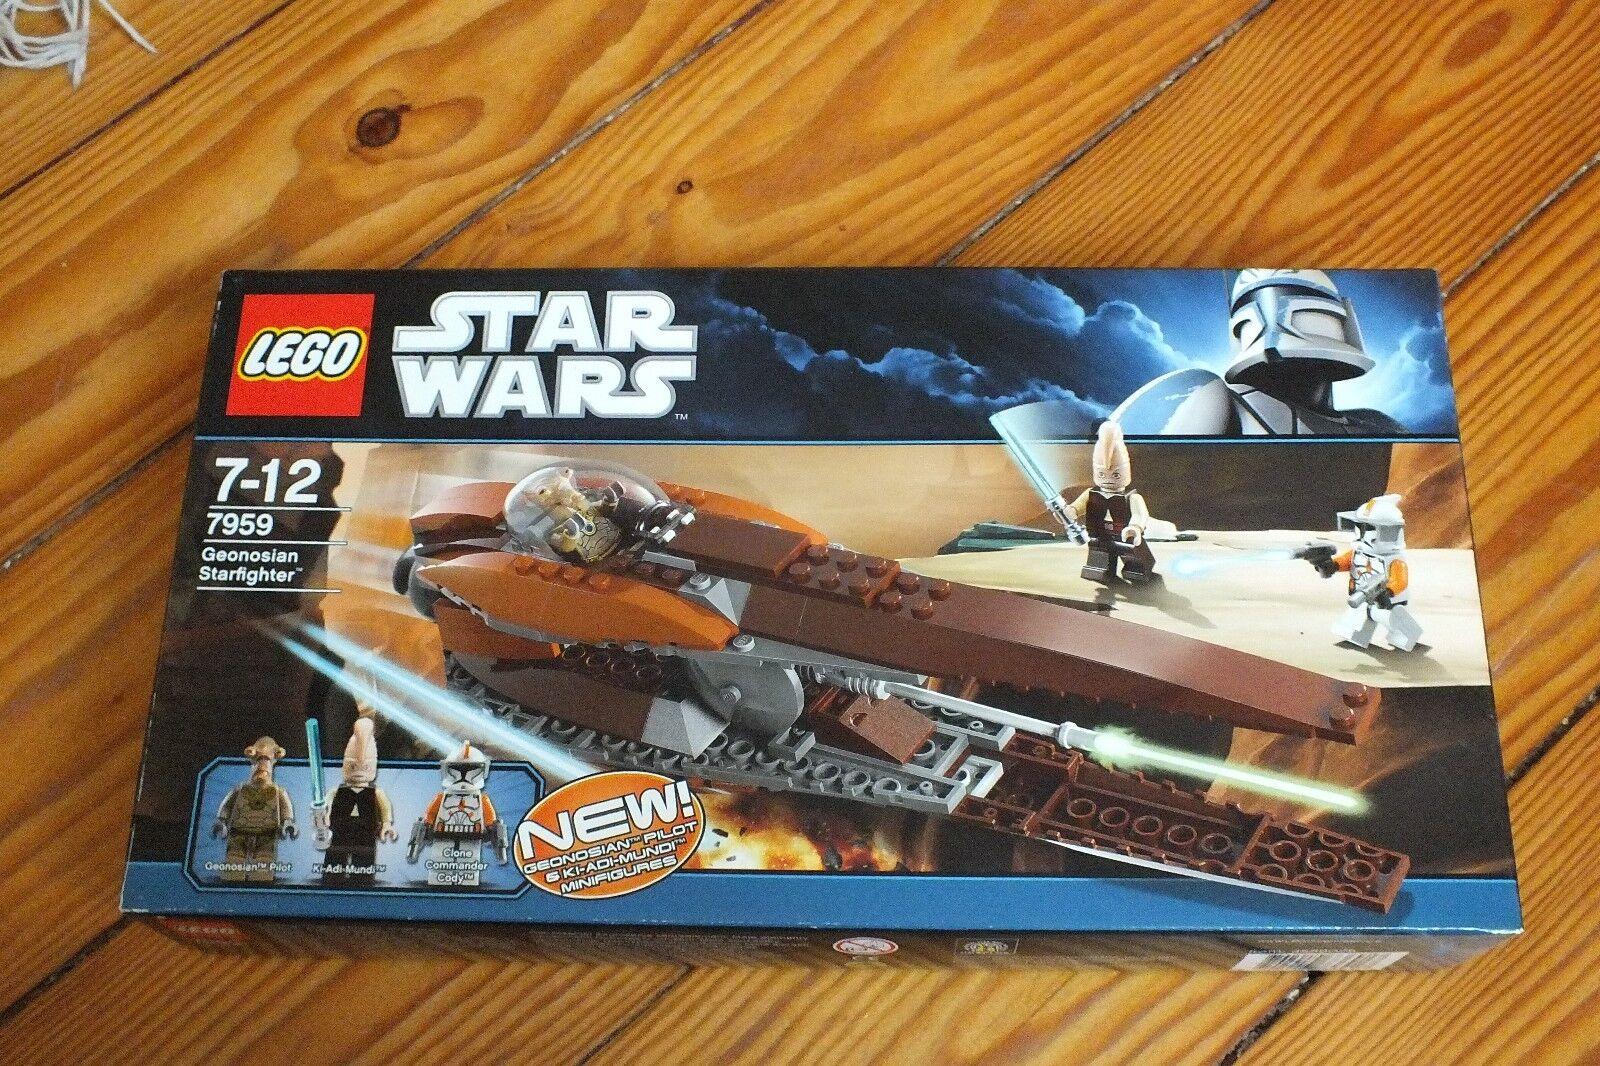 NEU & OVP 7959 7959 7959  Lego Star Wars Geonosian Starfighter 3 Figuren TOP d3a1a3